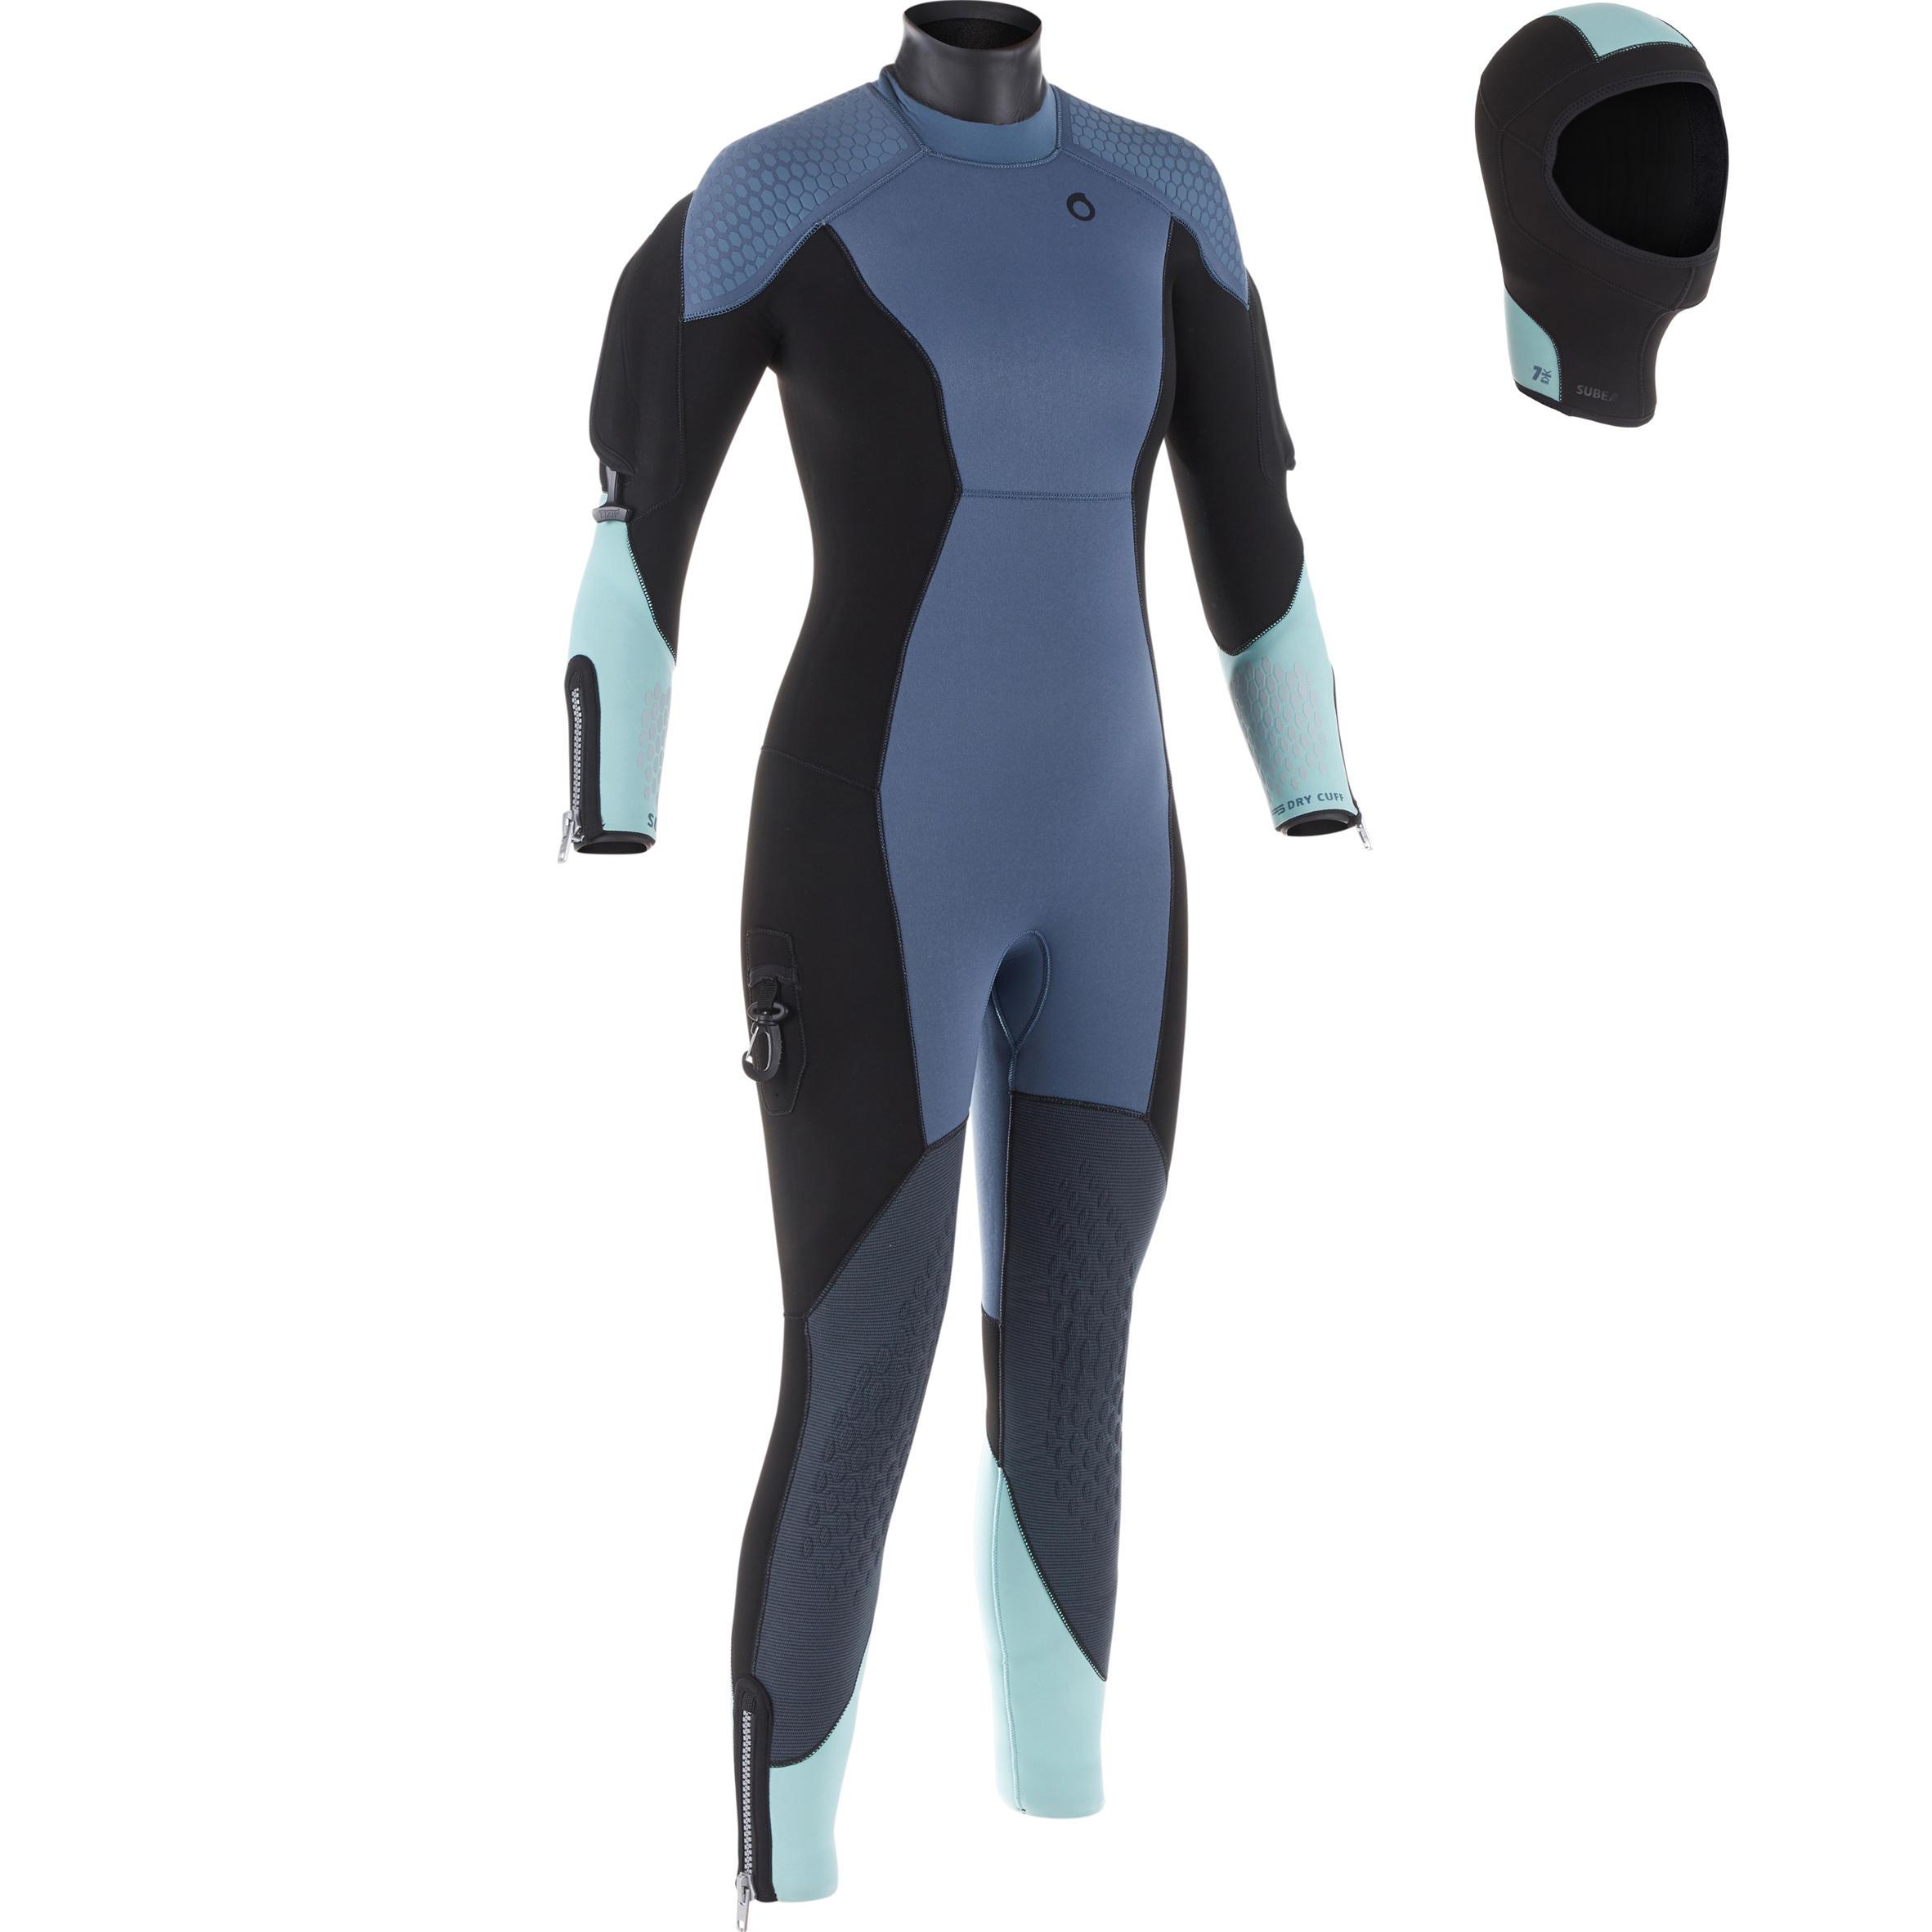 bc8d9f95d Comprar traje de buceo húmedo o semiseco